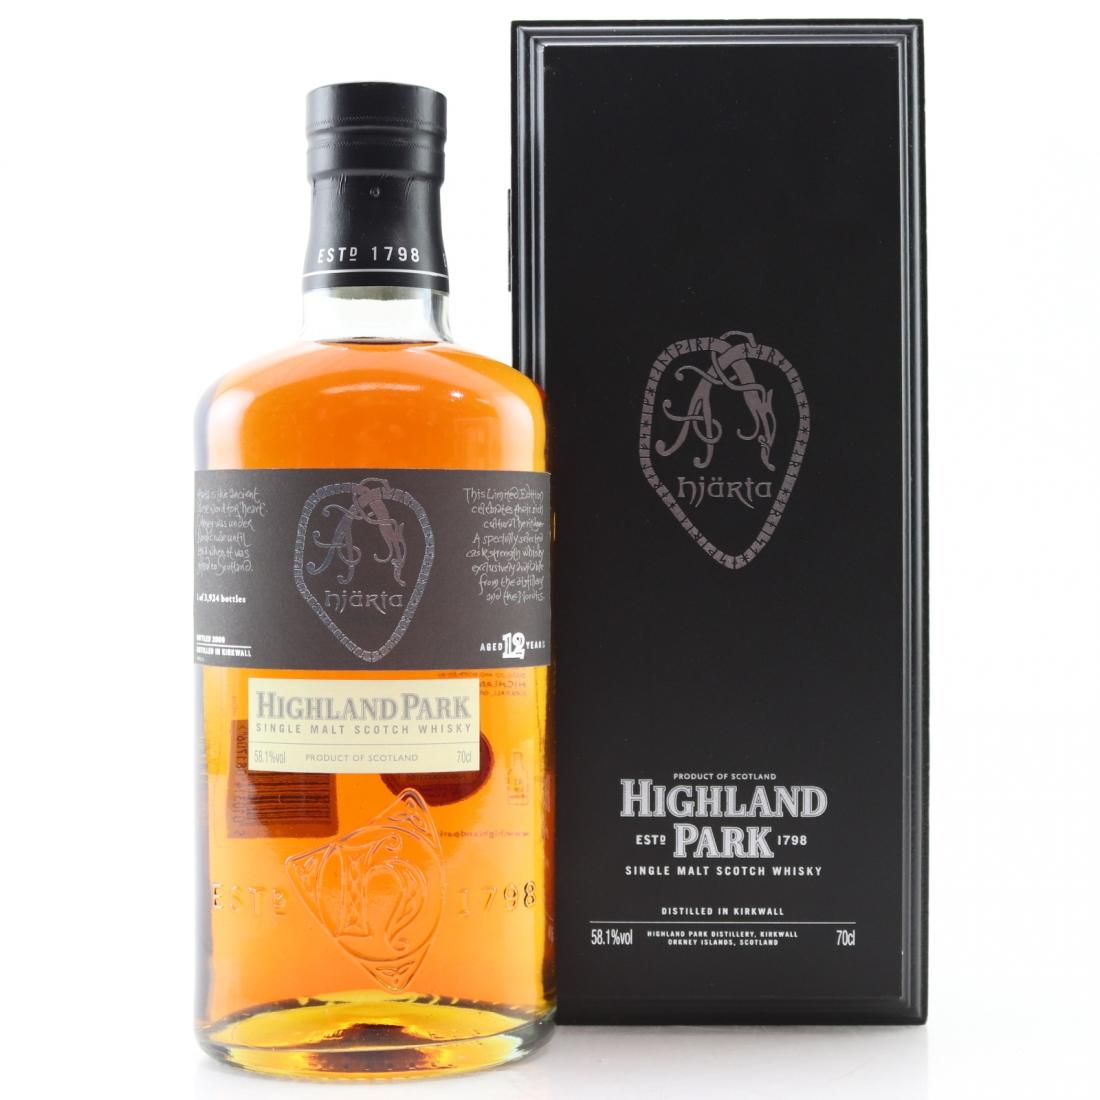 Highland Park Hjarta